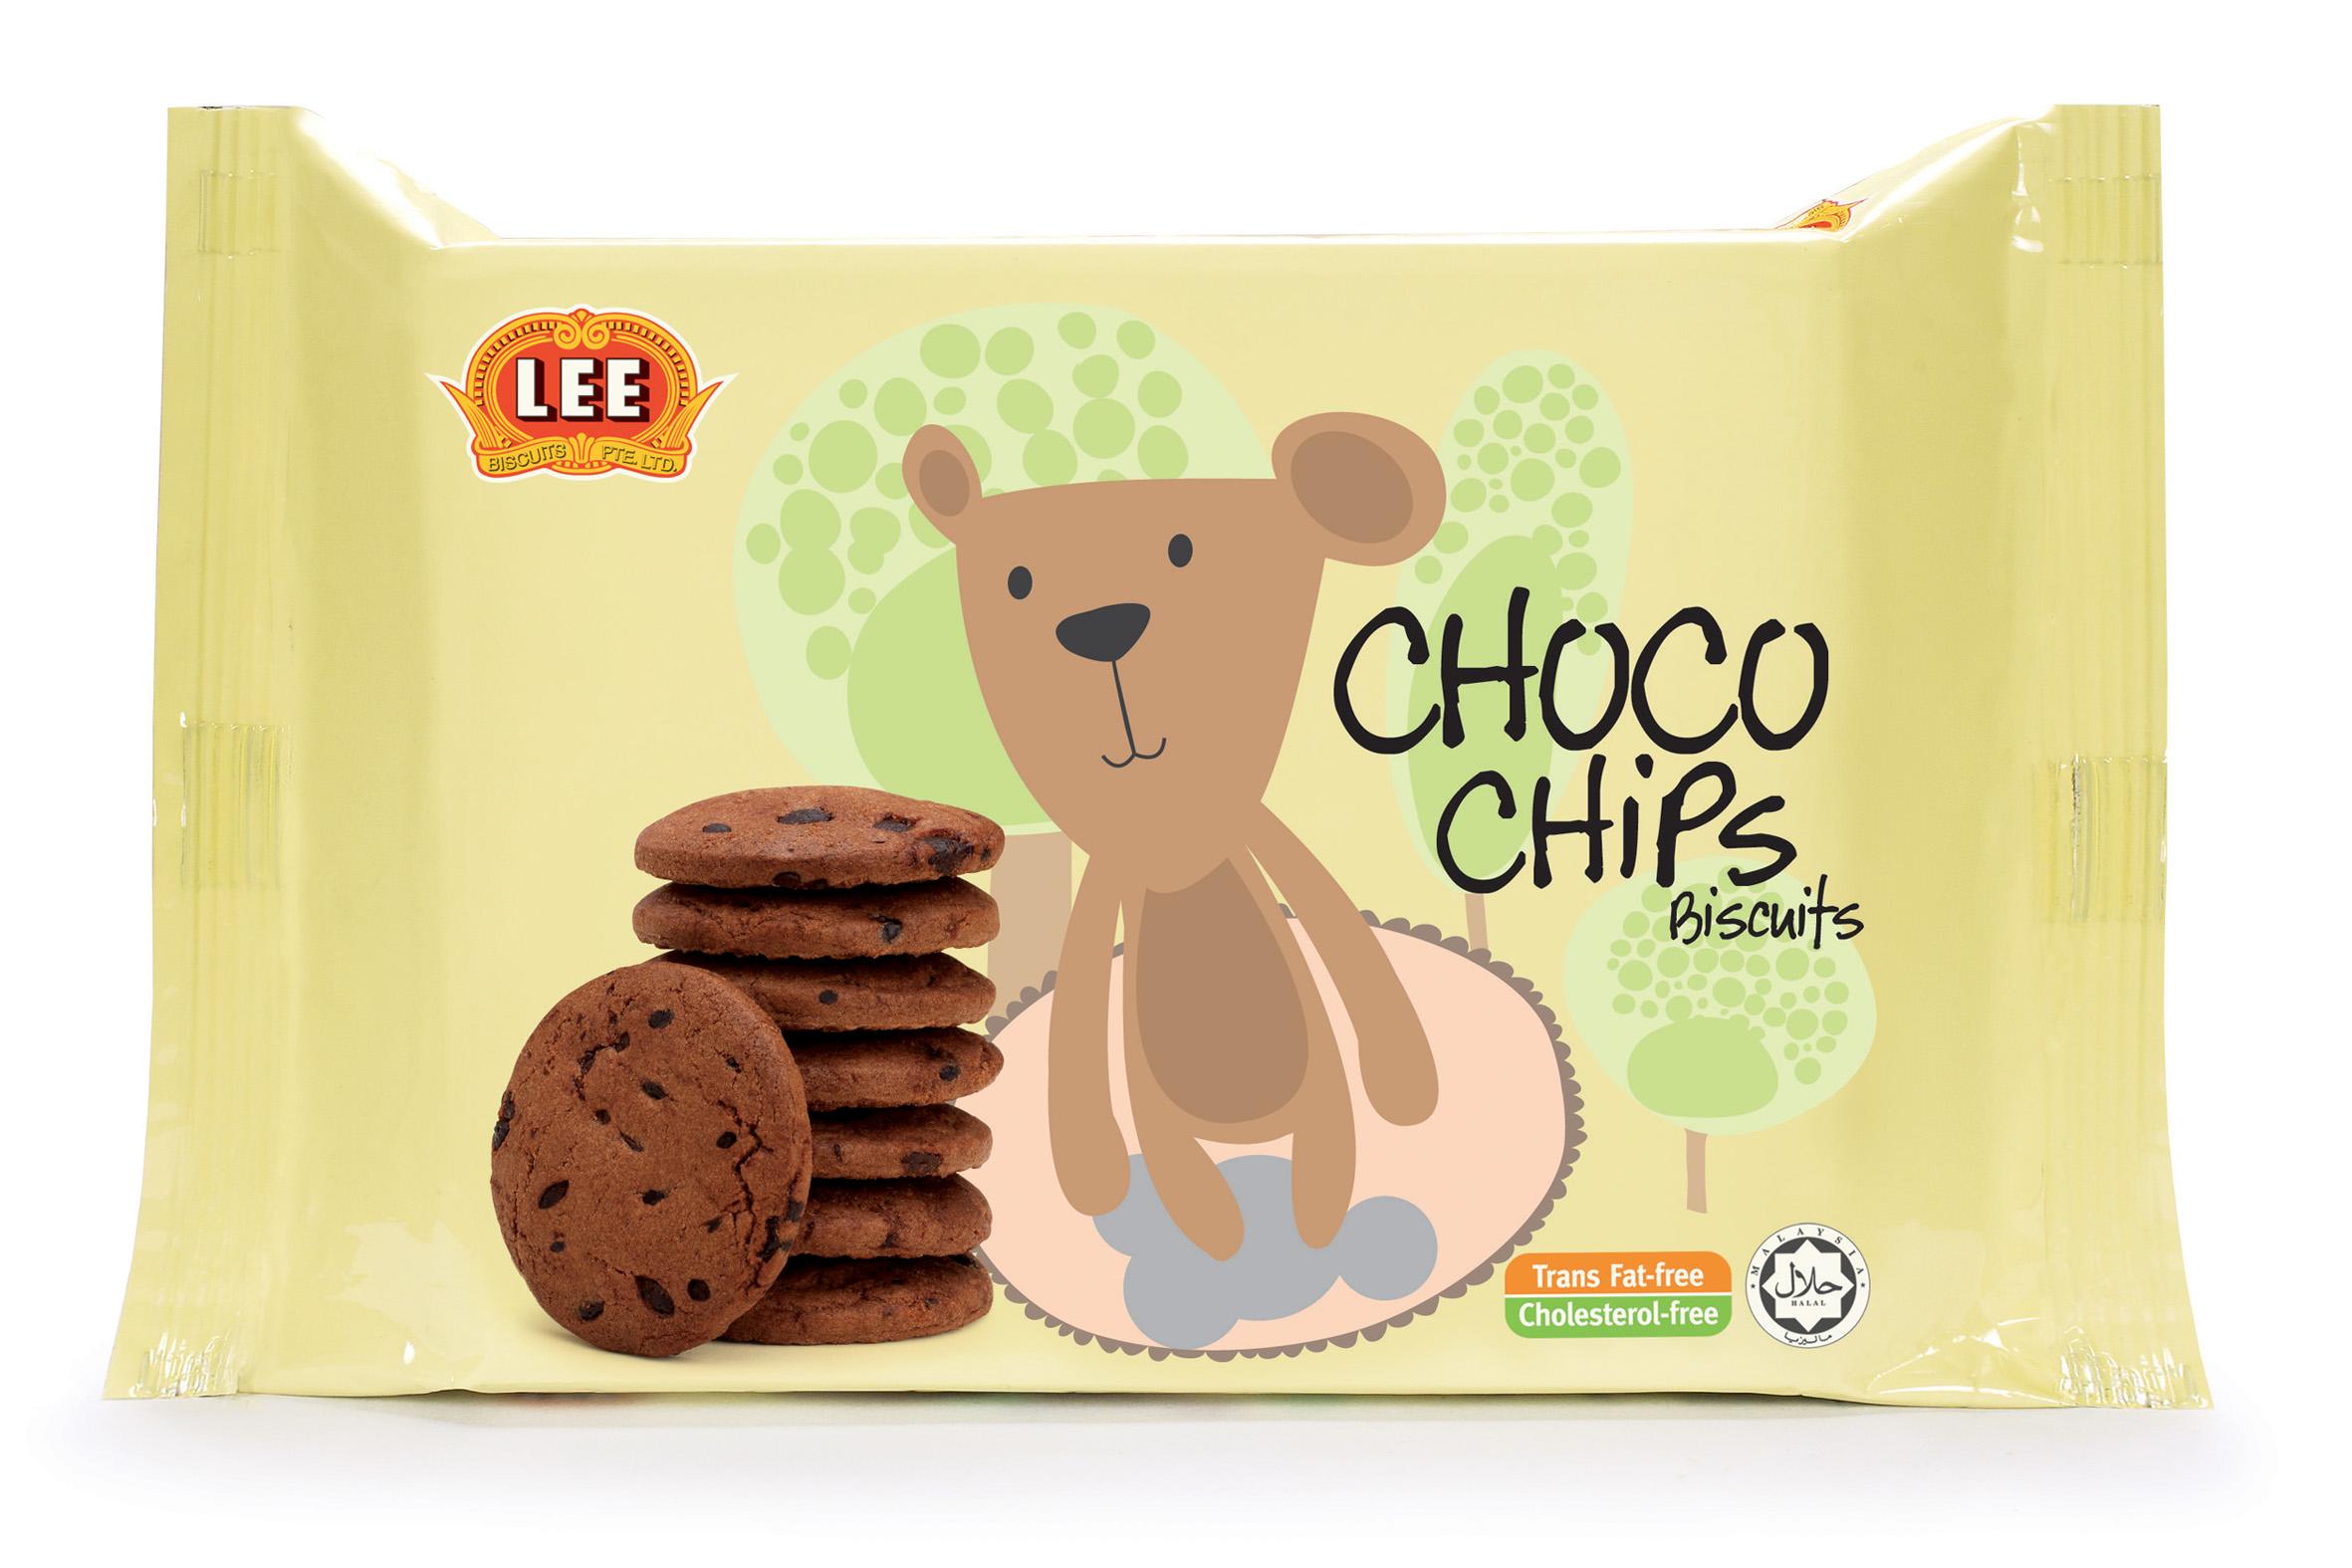 ★特惠7折★  Lee小熊餅乾 -巧克力口味 ➤ 馬來西亞原裝進口